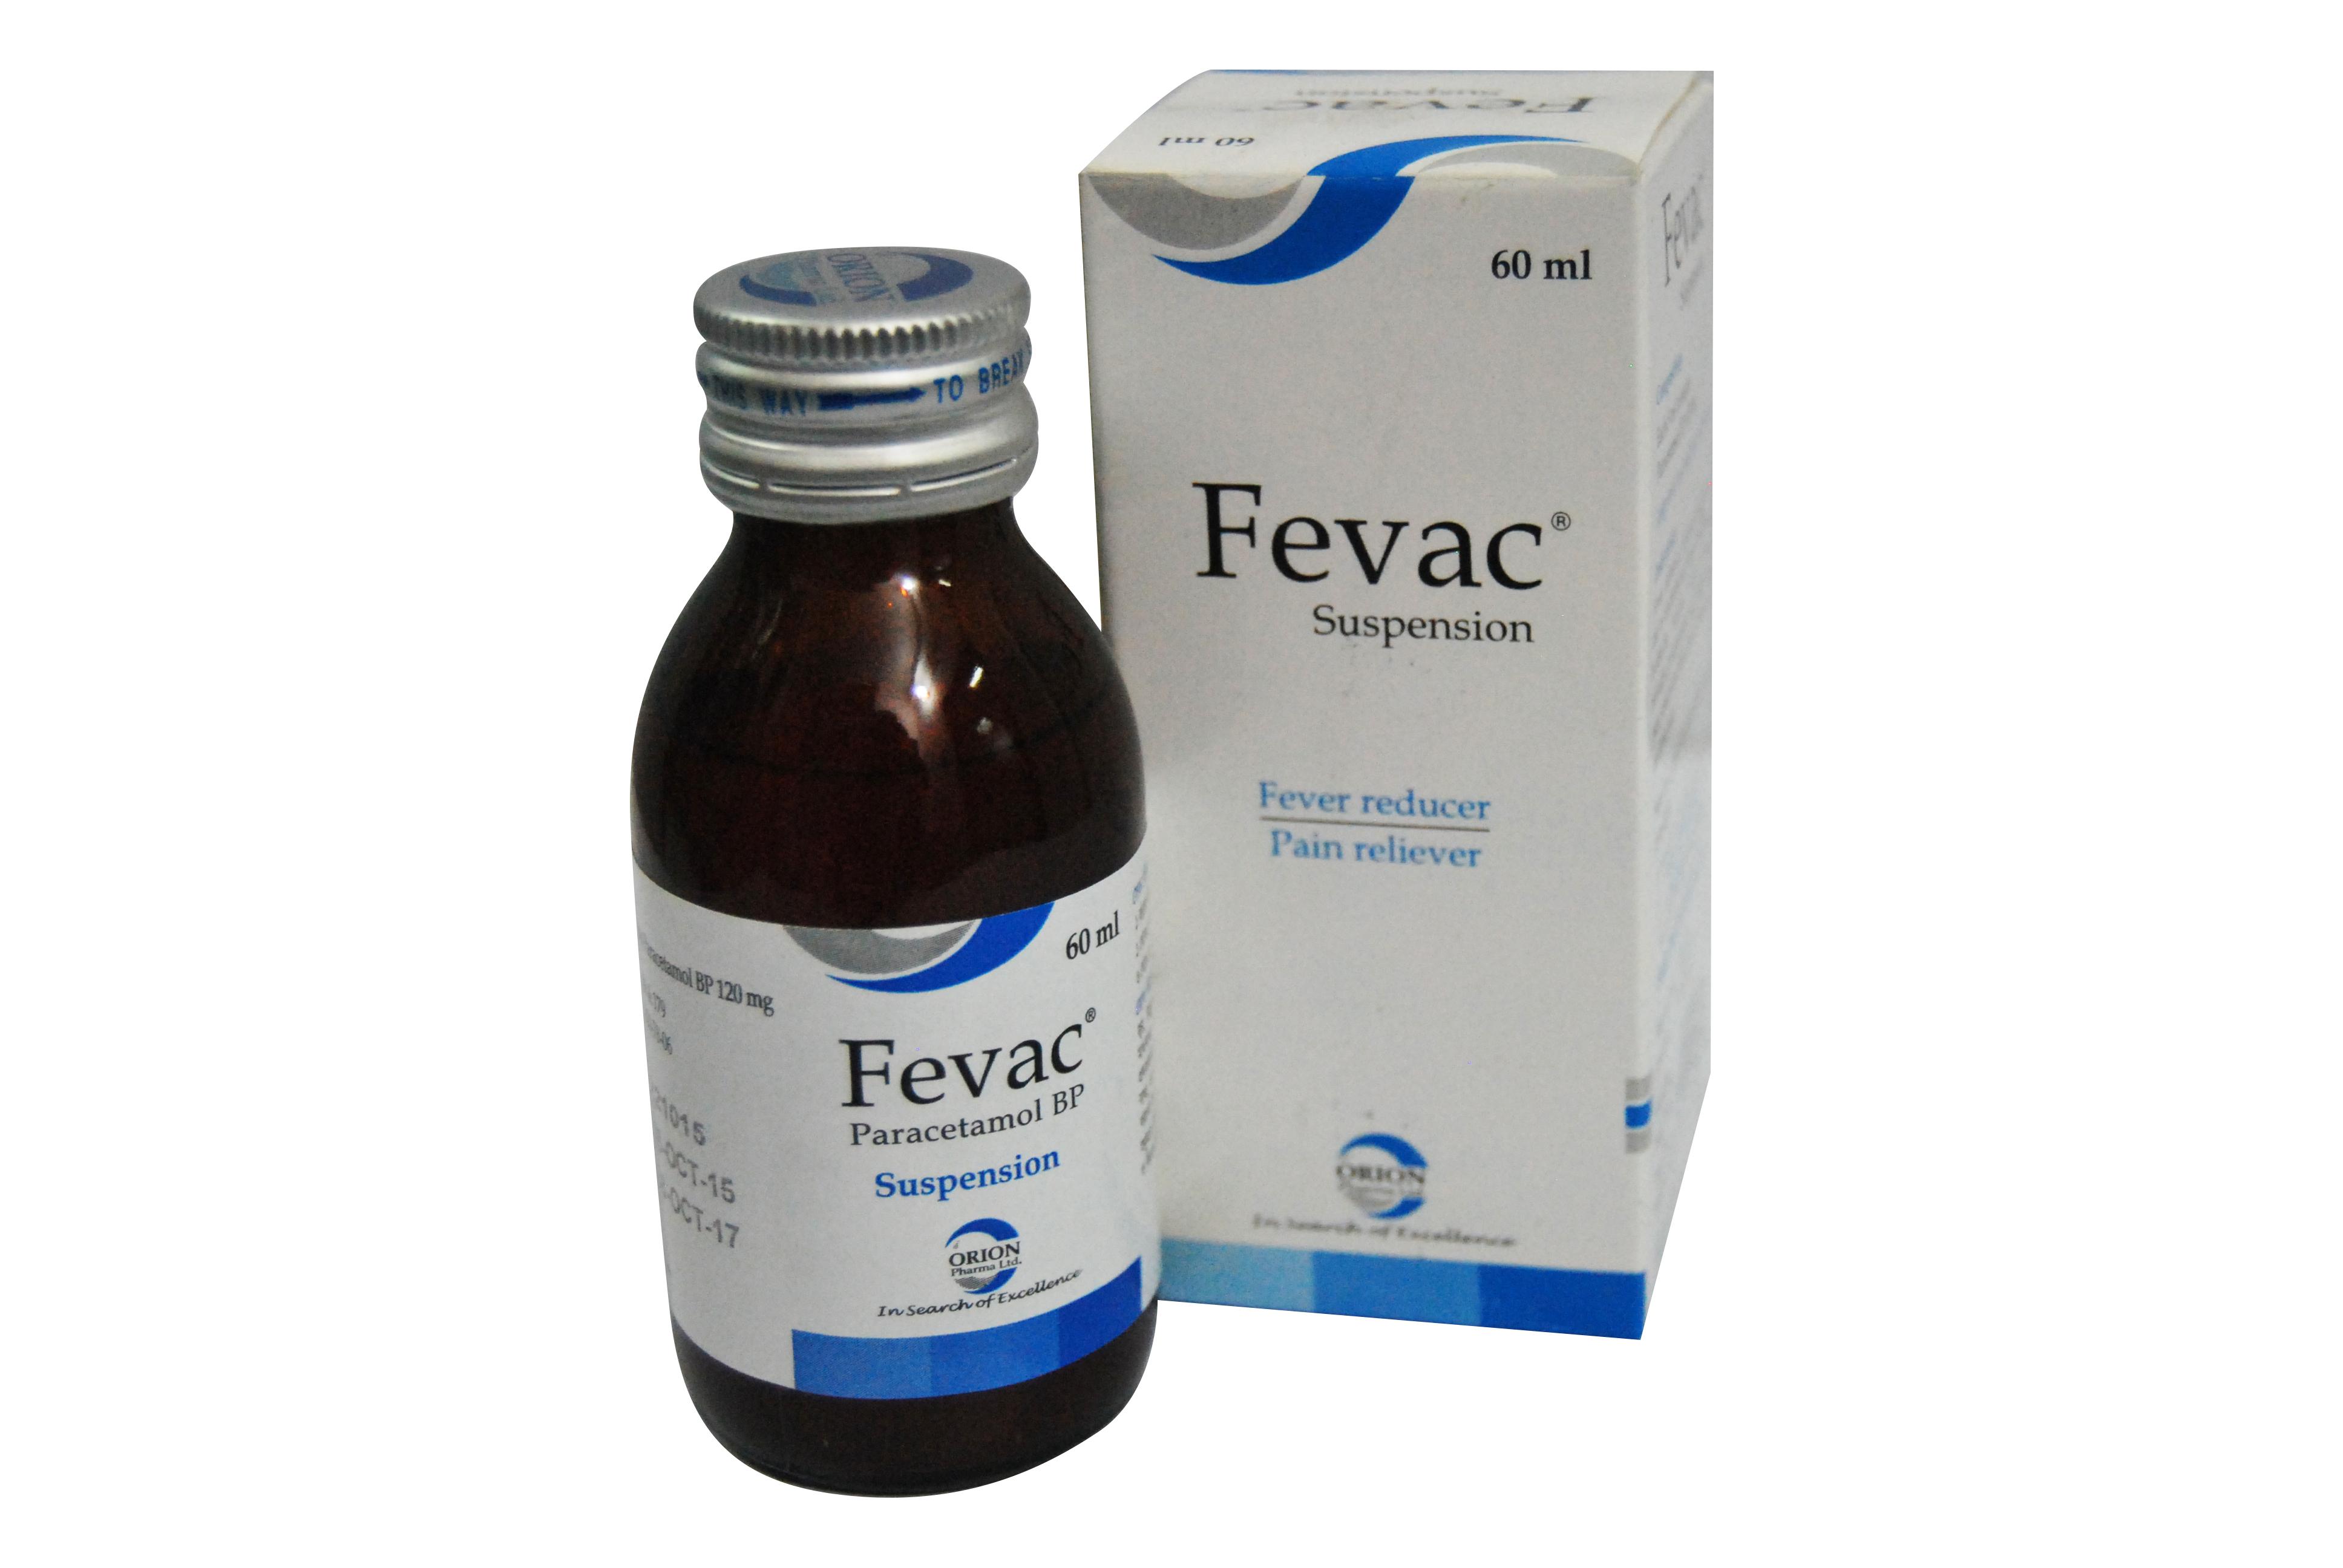 Fevac